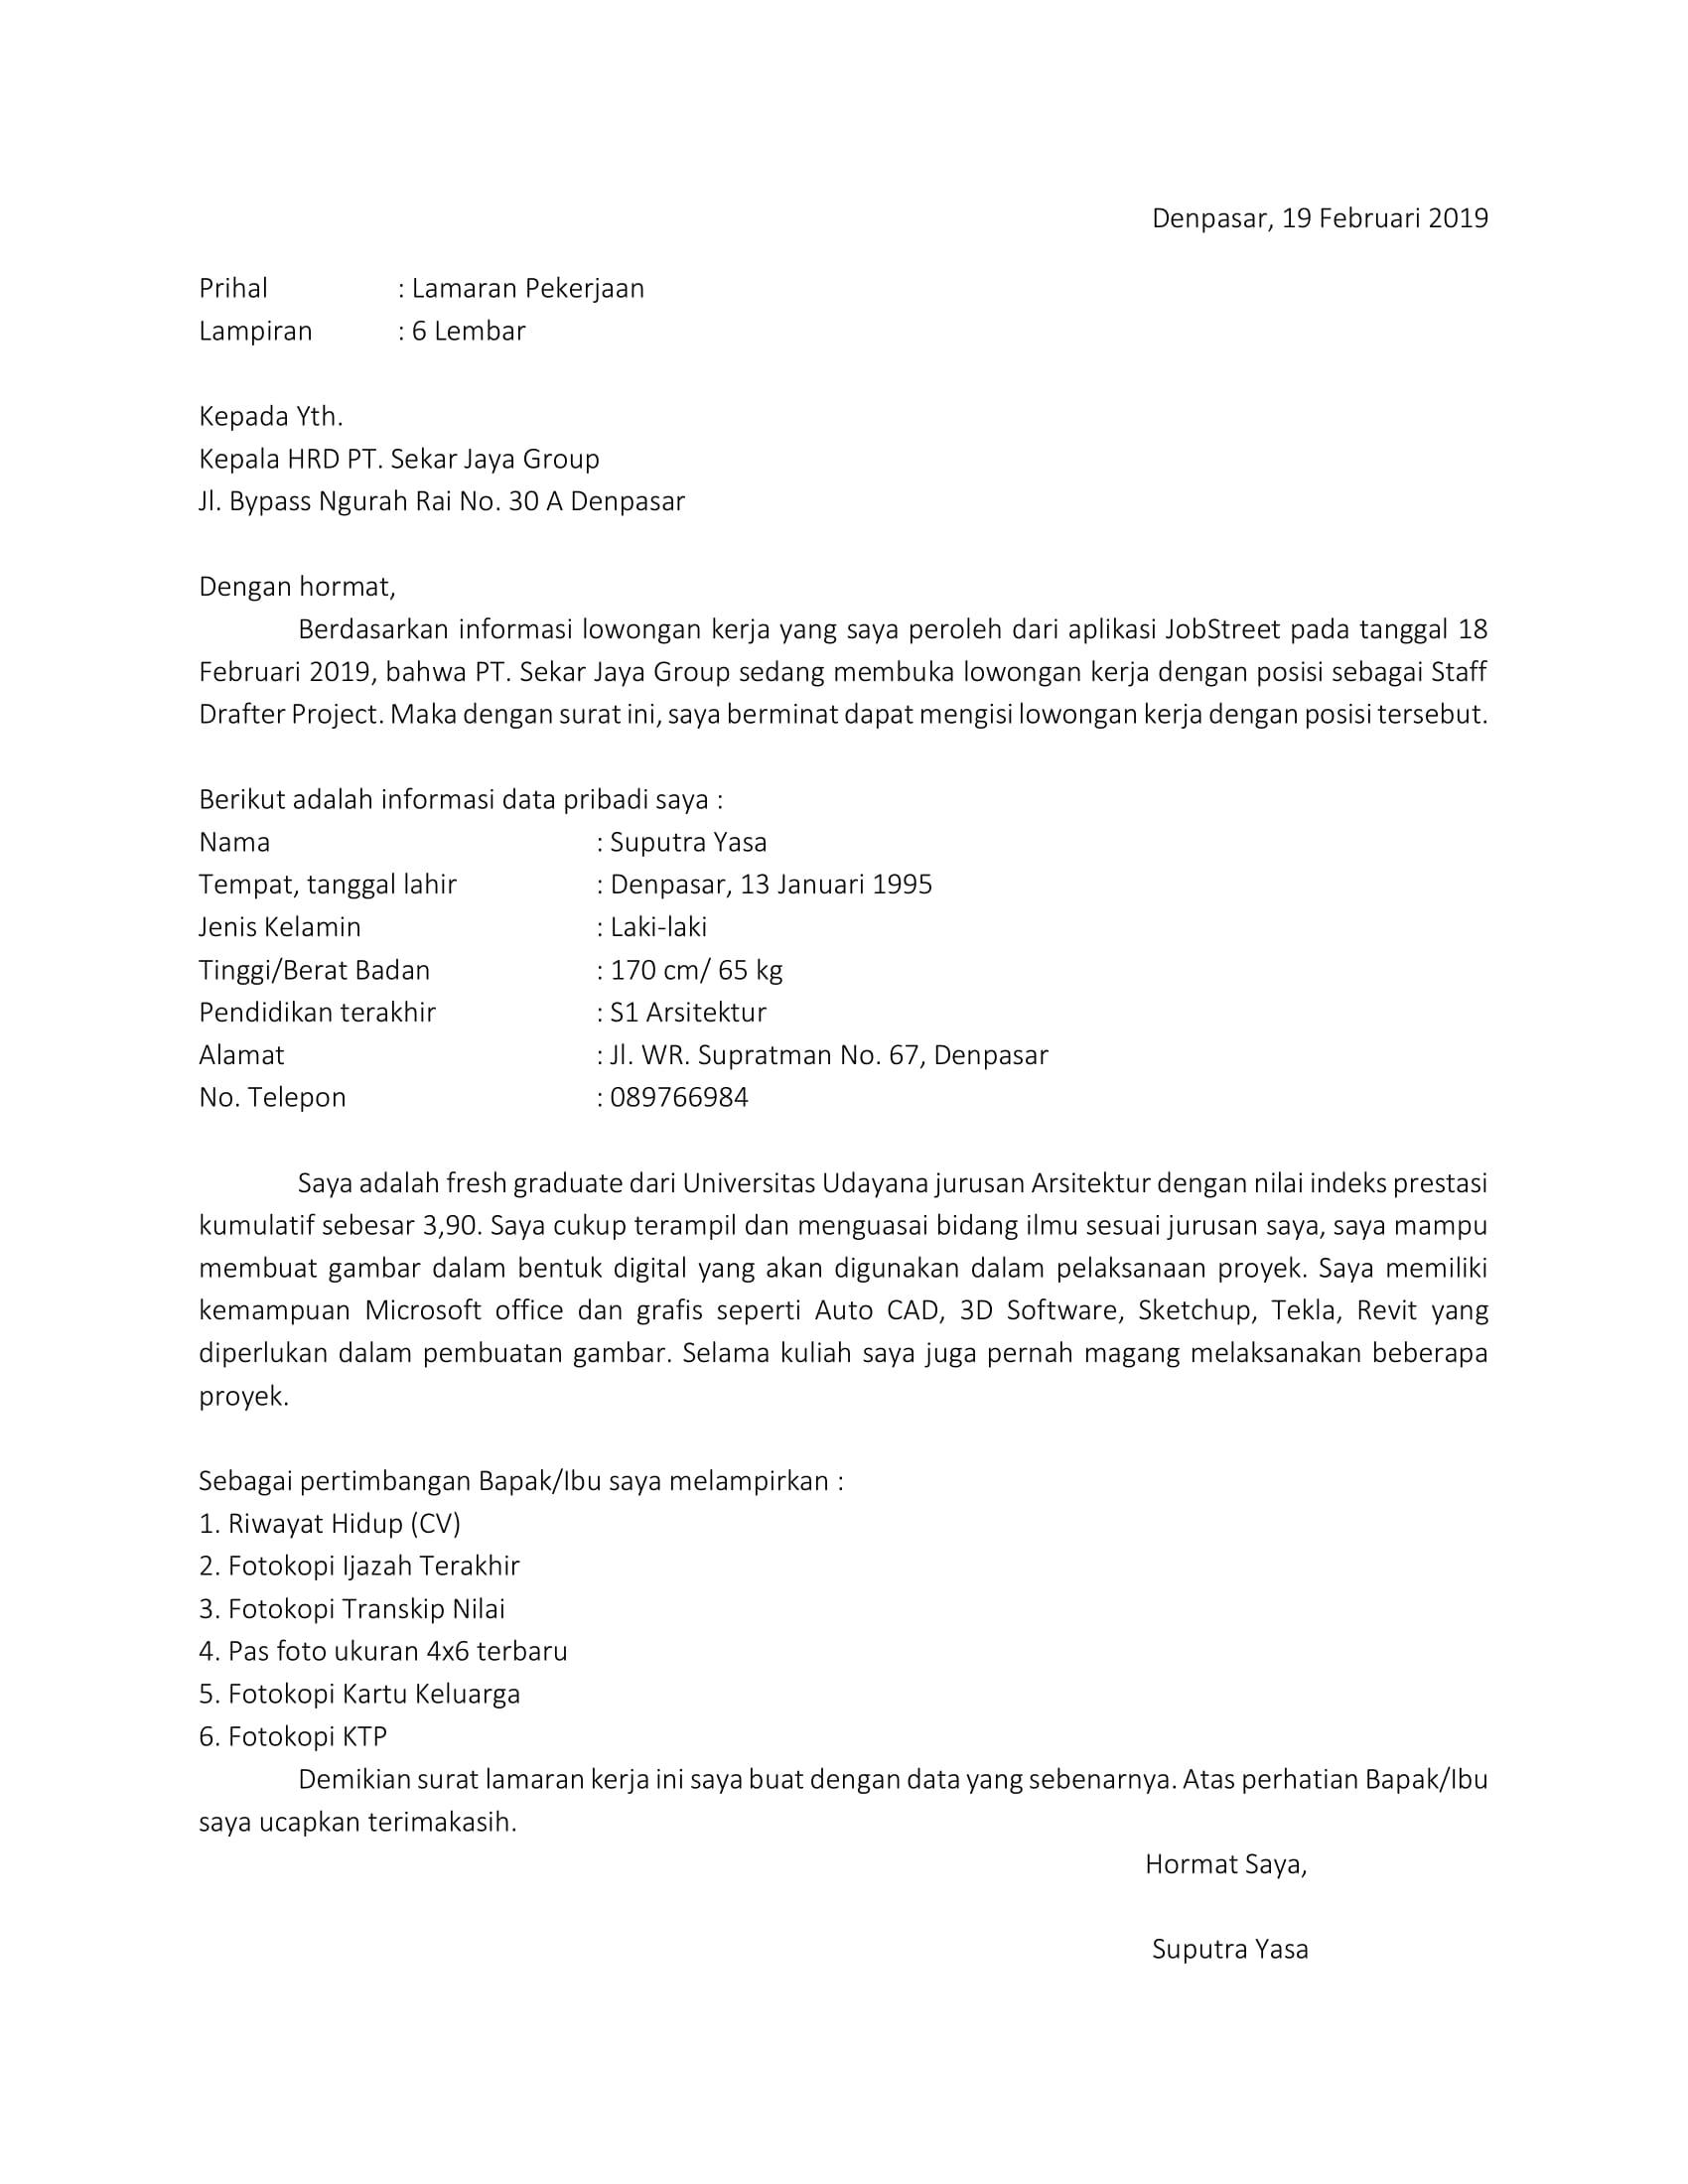 Contoh Surat Lamaran Kerja Tulis Tangan Fresh Graduate Nusagates